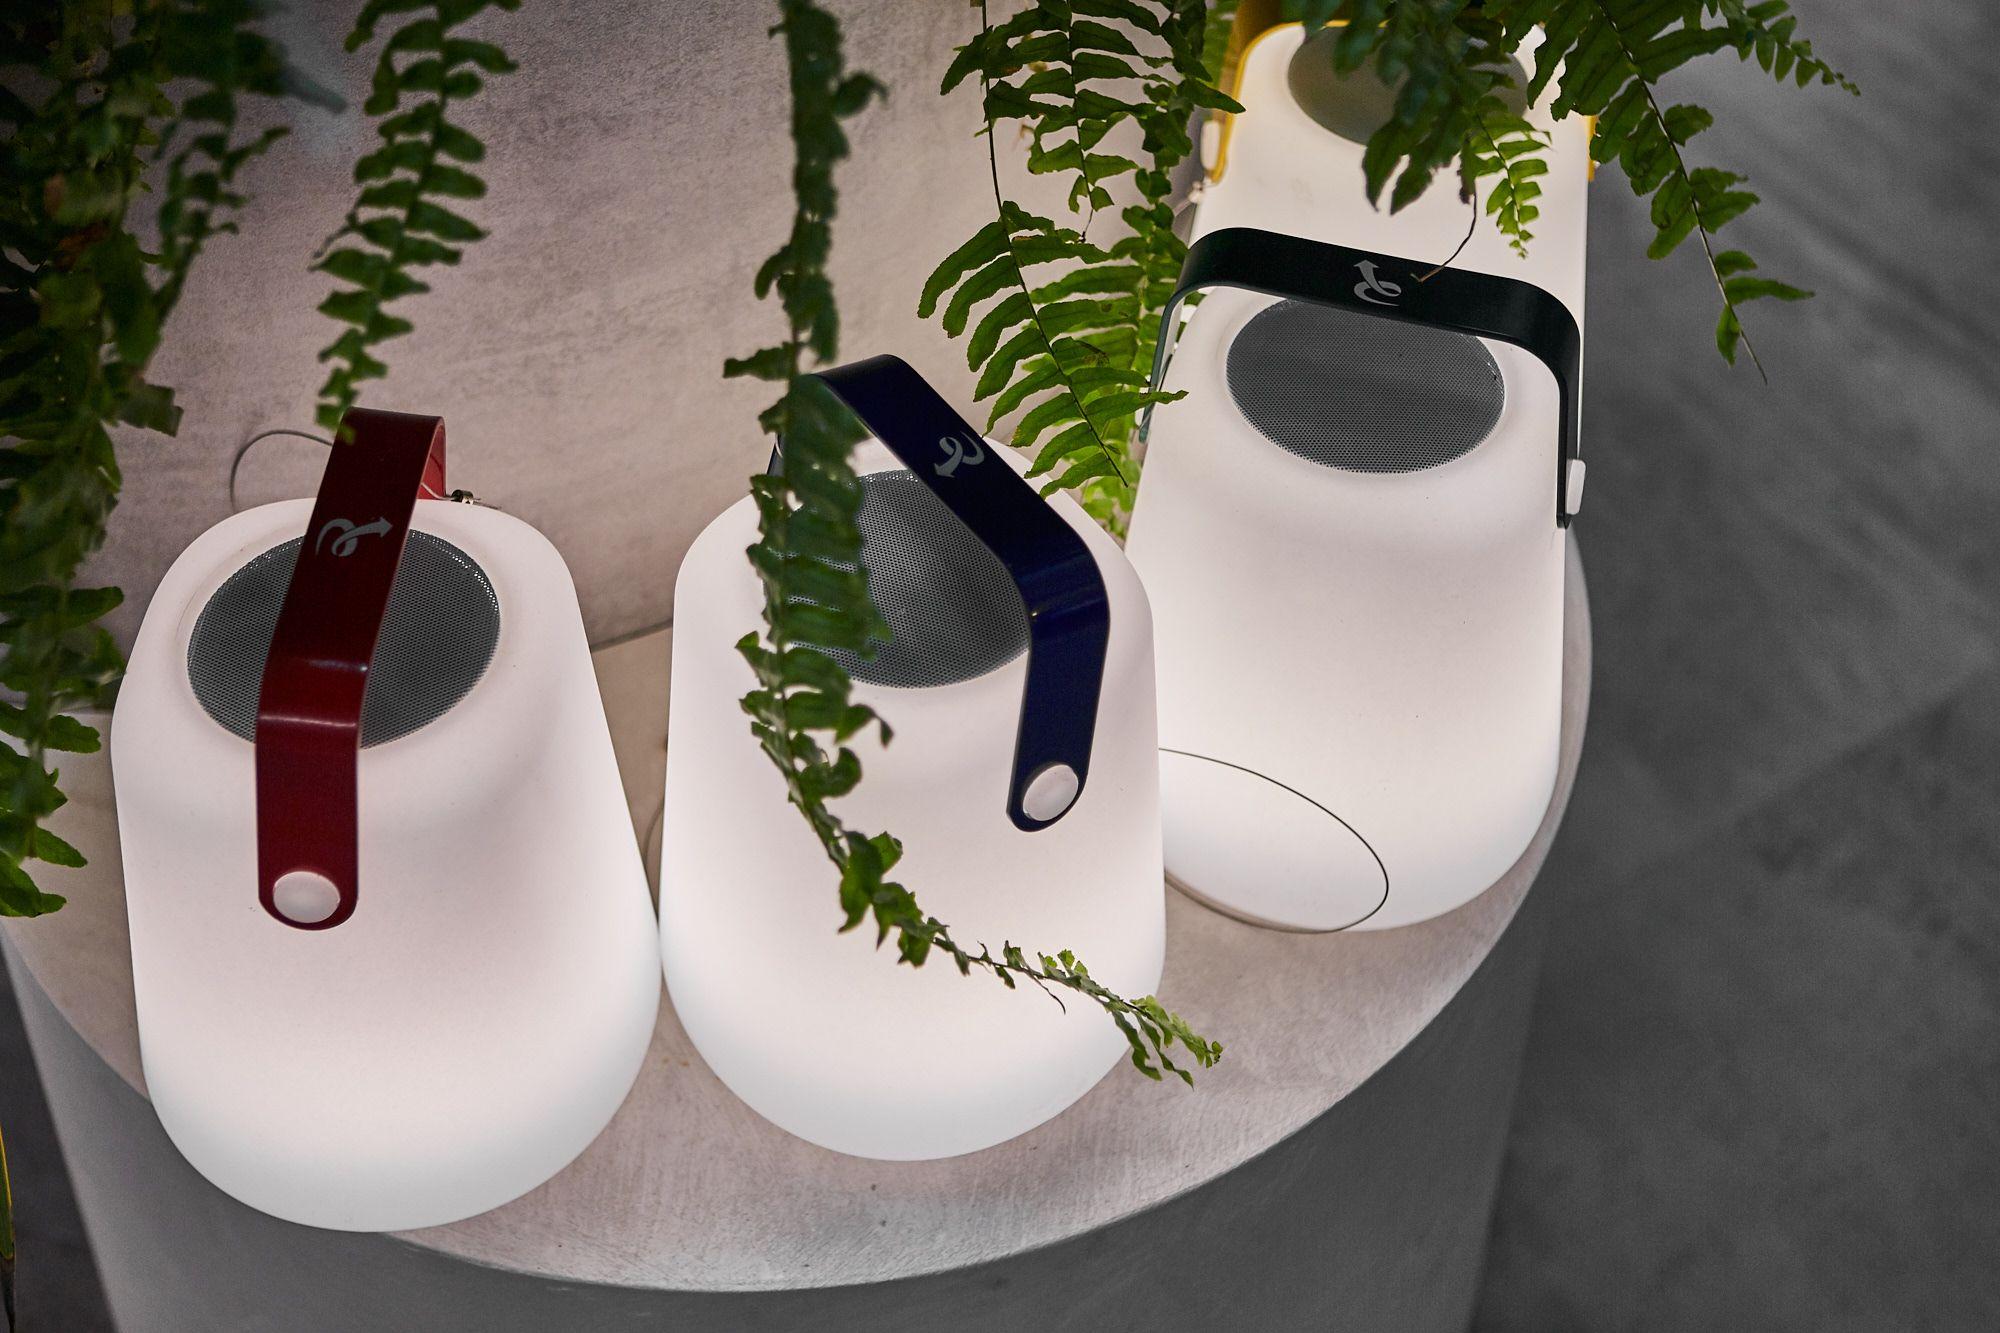 Accensione Lampadario Con Telecomando lampada da tavolo a led rgb + warm white (3000k), portatile